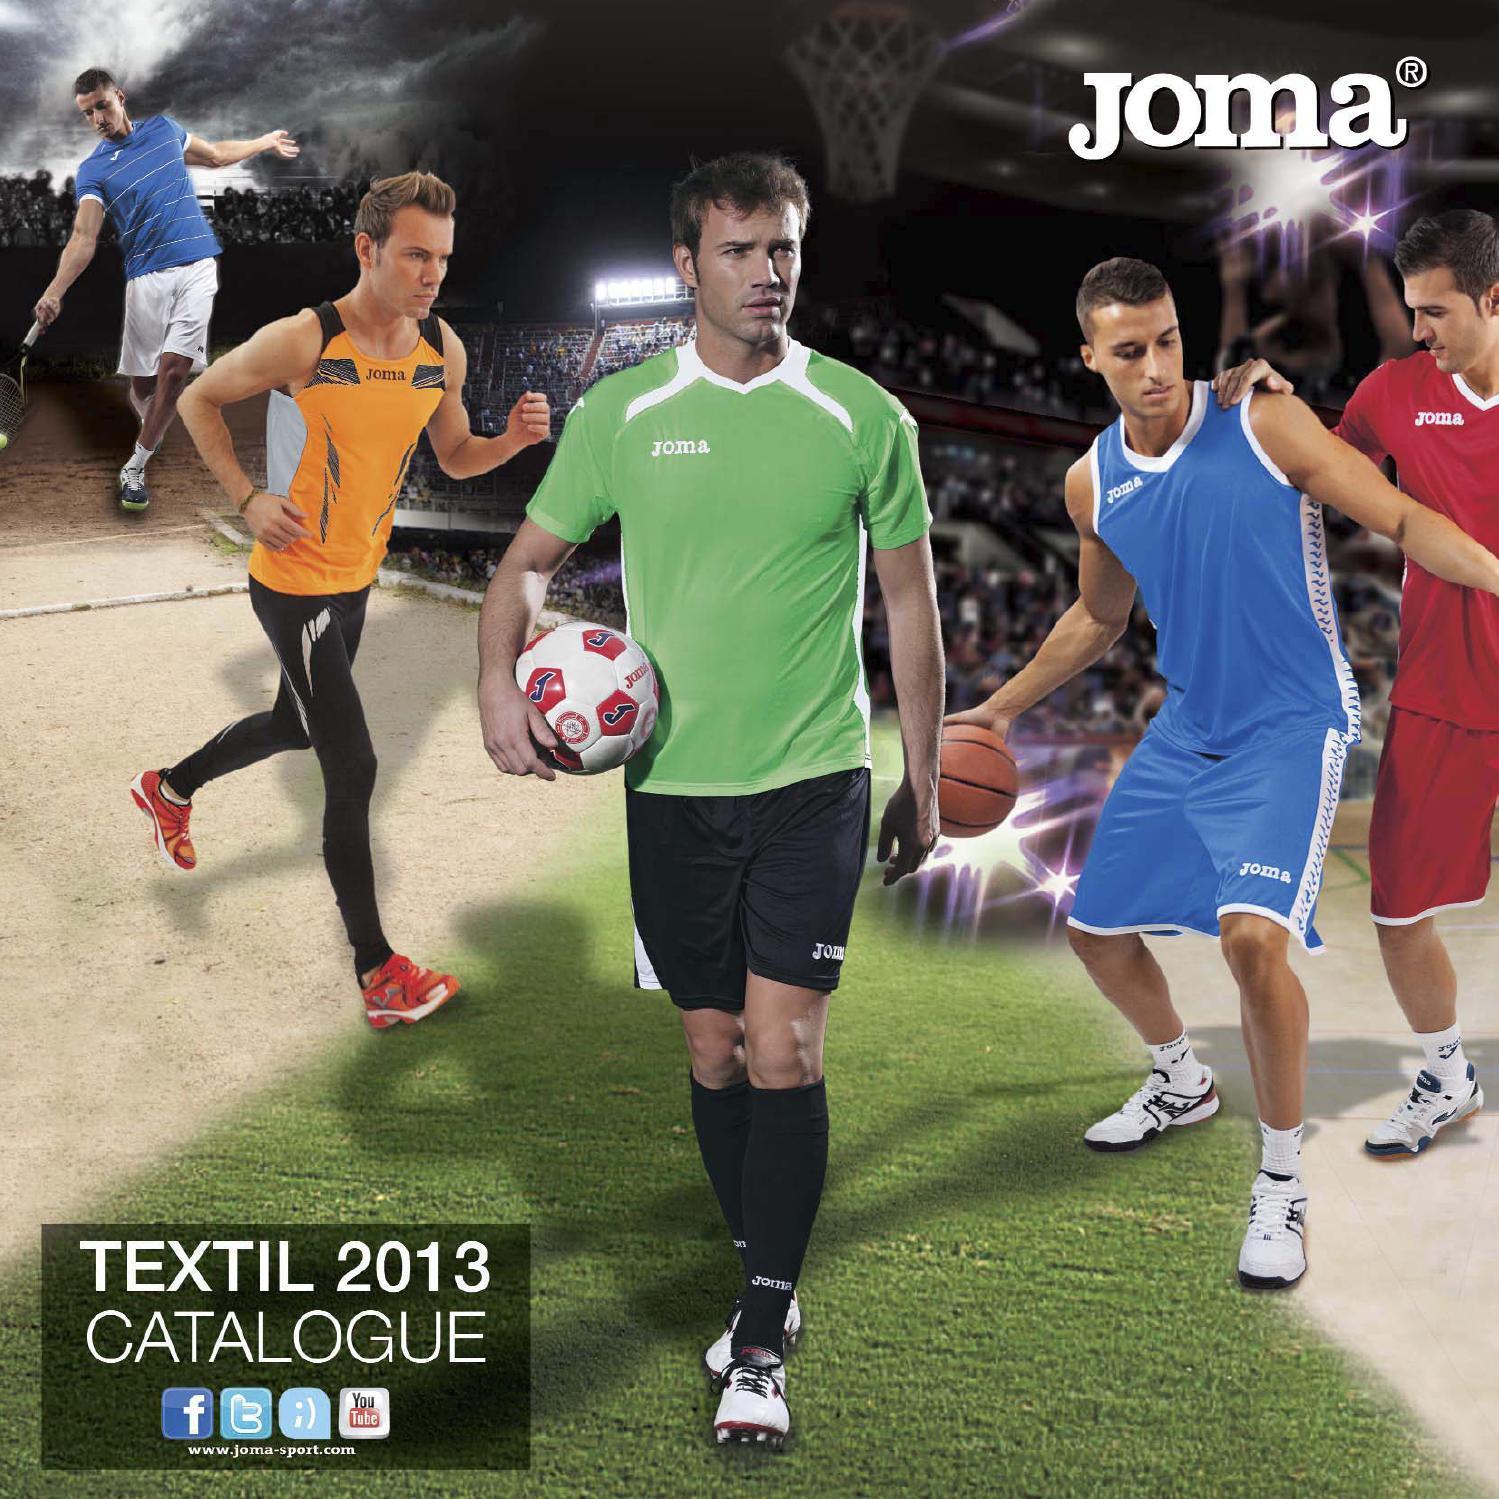 e682fb89b Joma textil 2013 by Pro Teamwear - issuu